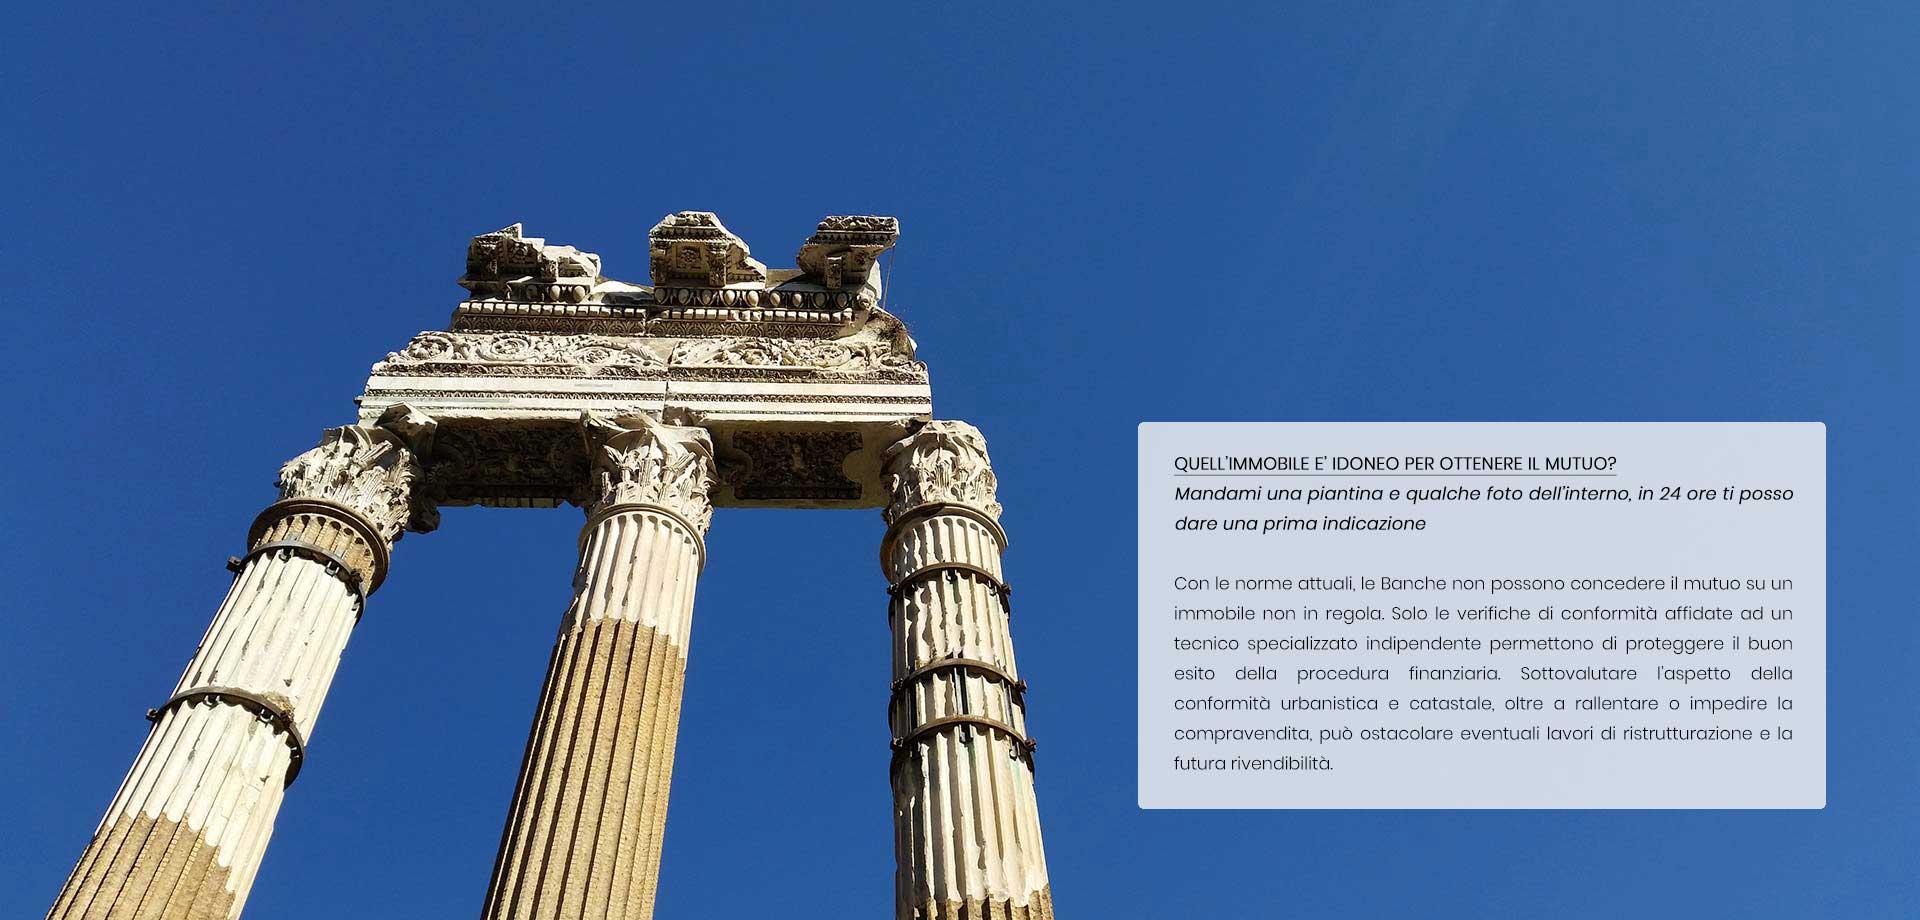 giorgio-rossetti-architetto-claim-2